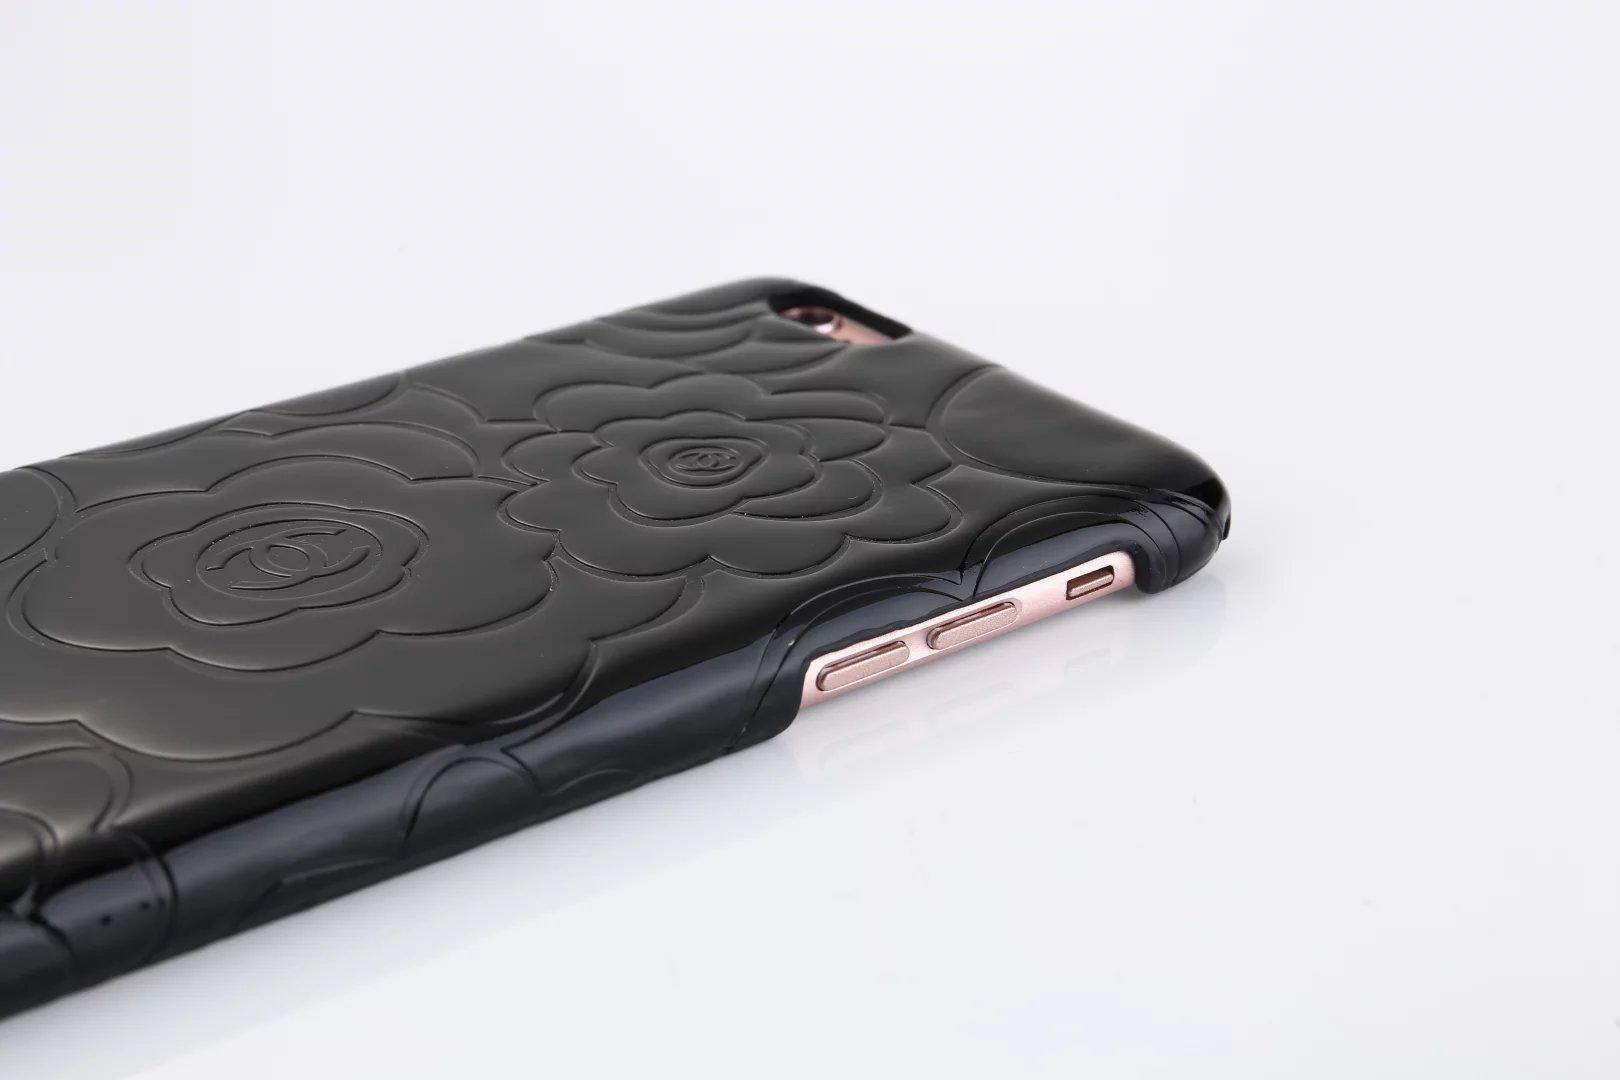 iphone hüllen günstig handyhülle iphone Chanel iphone6 hülle iphone filztasche iphone 6 a6 rot beste hülle iphone 6 flip ca6 leder iphone 6 hülle mit eigenem foto dünnste iphone hülle